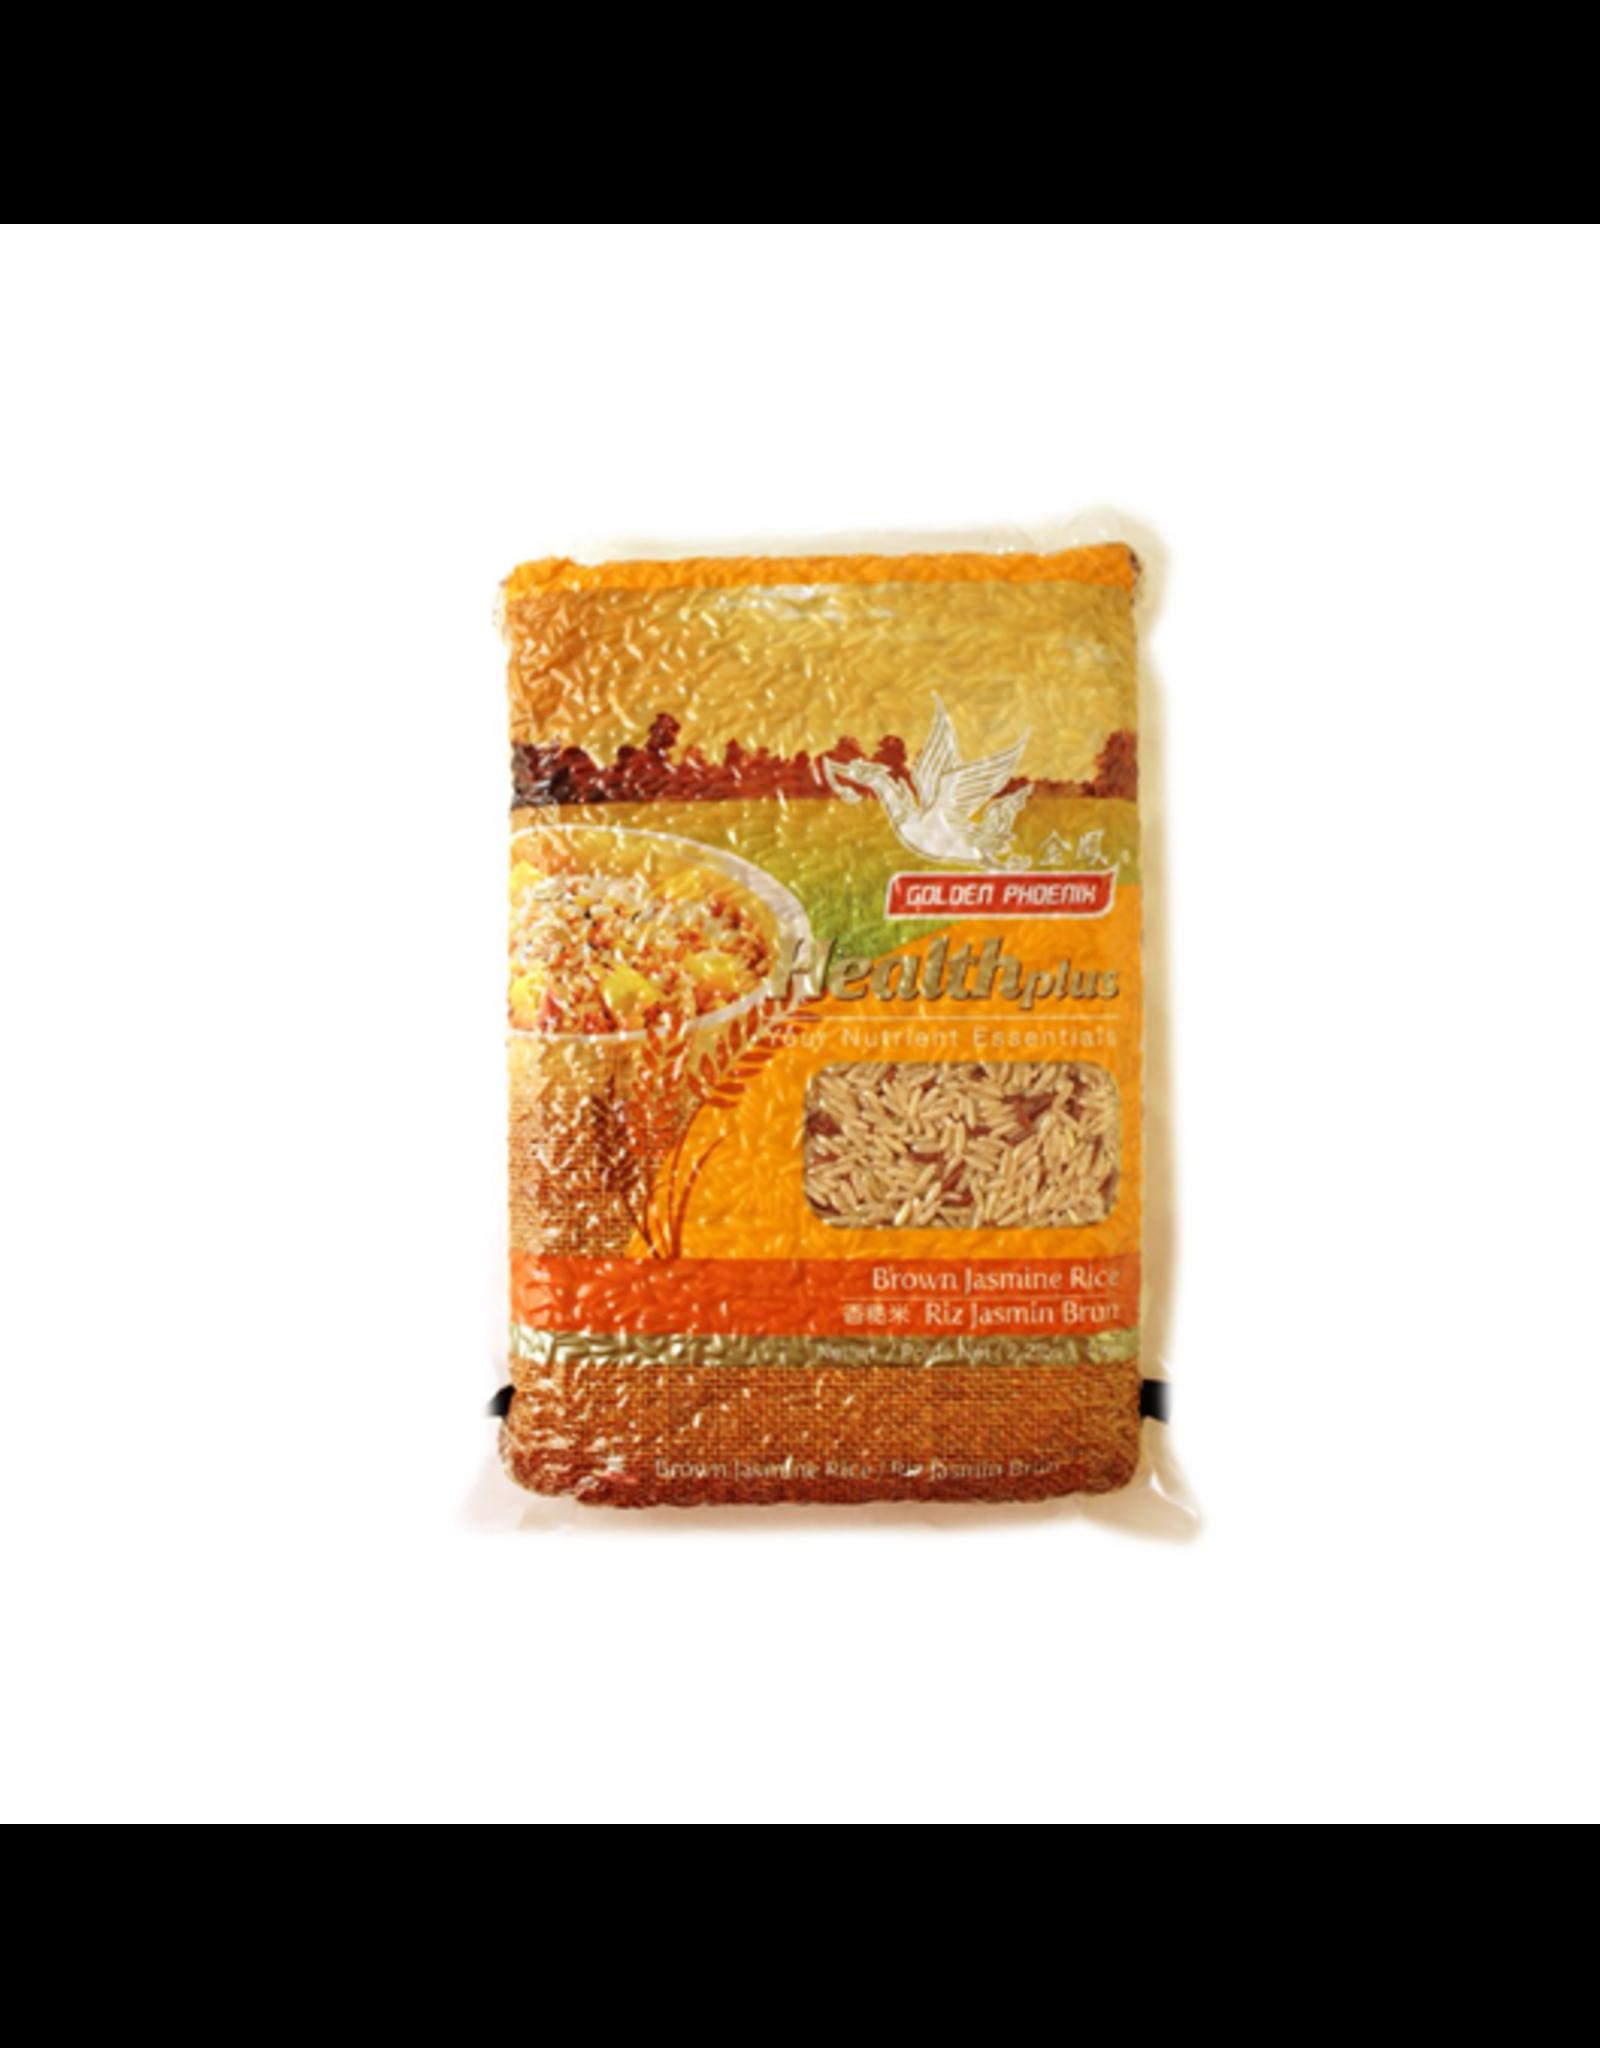 Golden Phoenix Brown Jasmine Rice